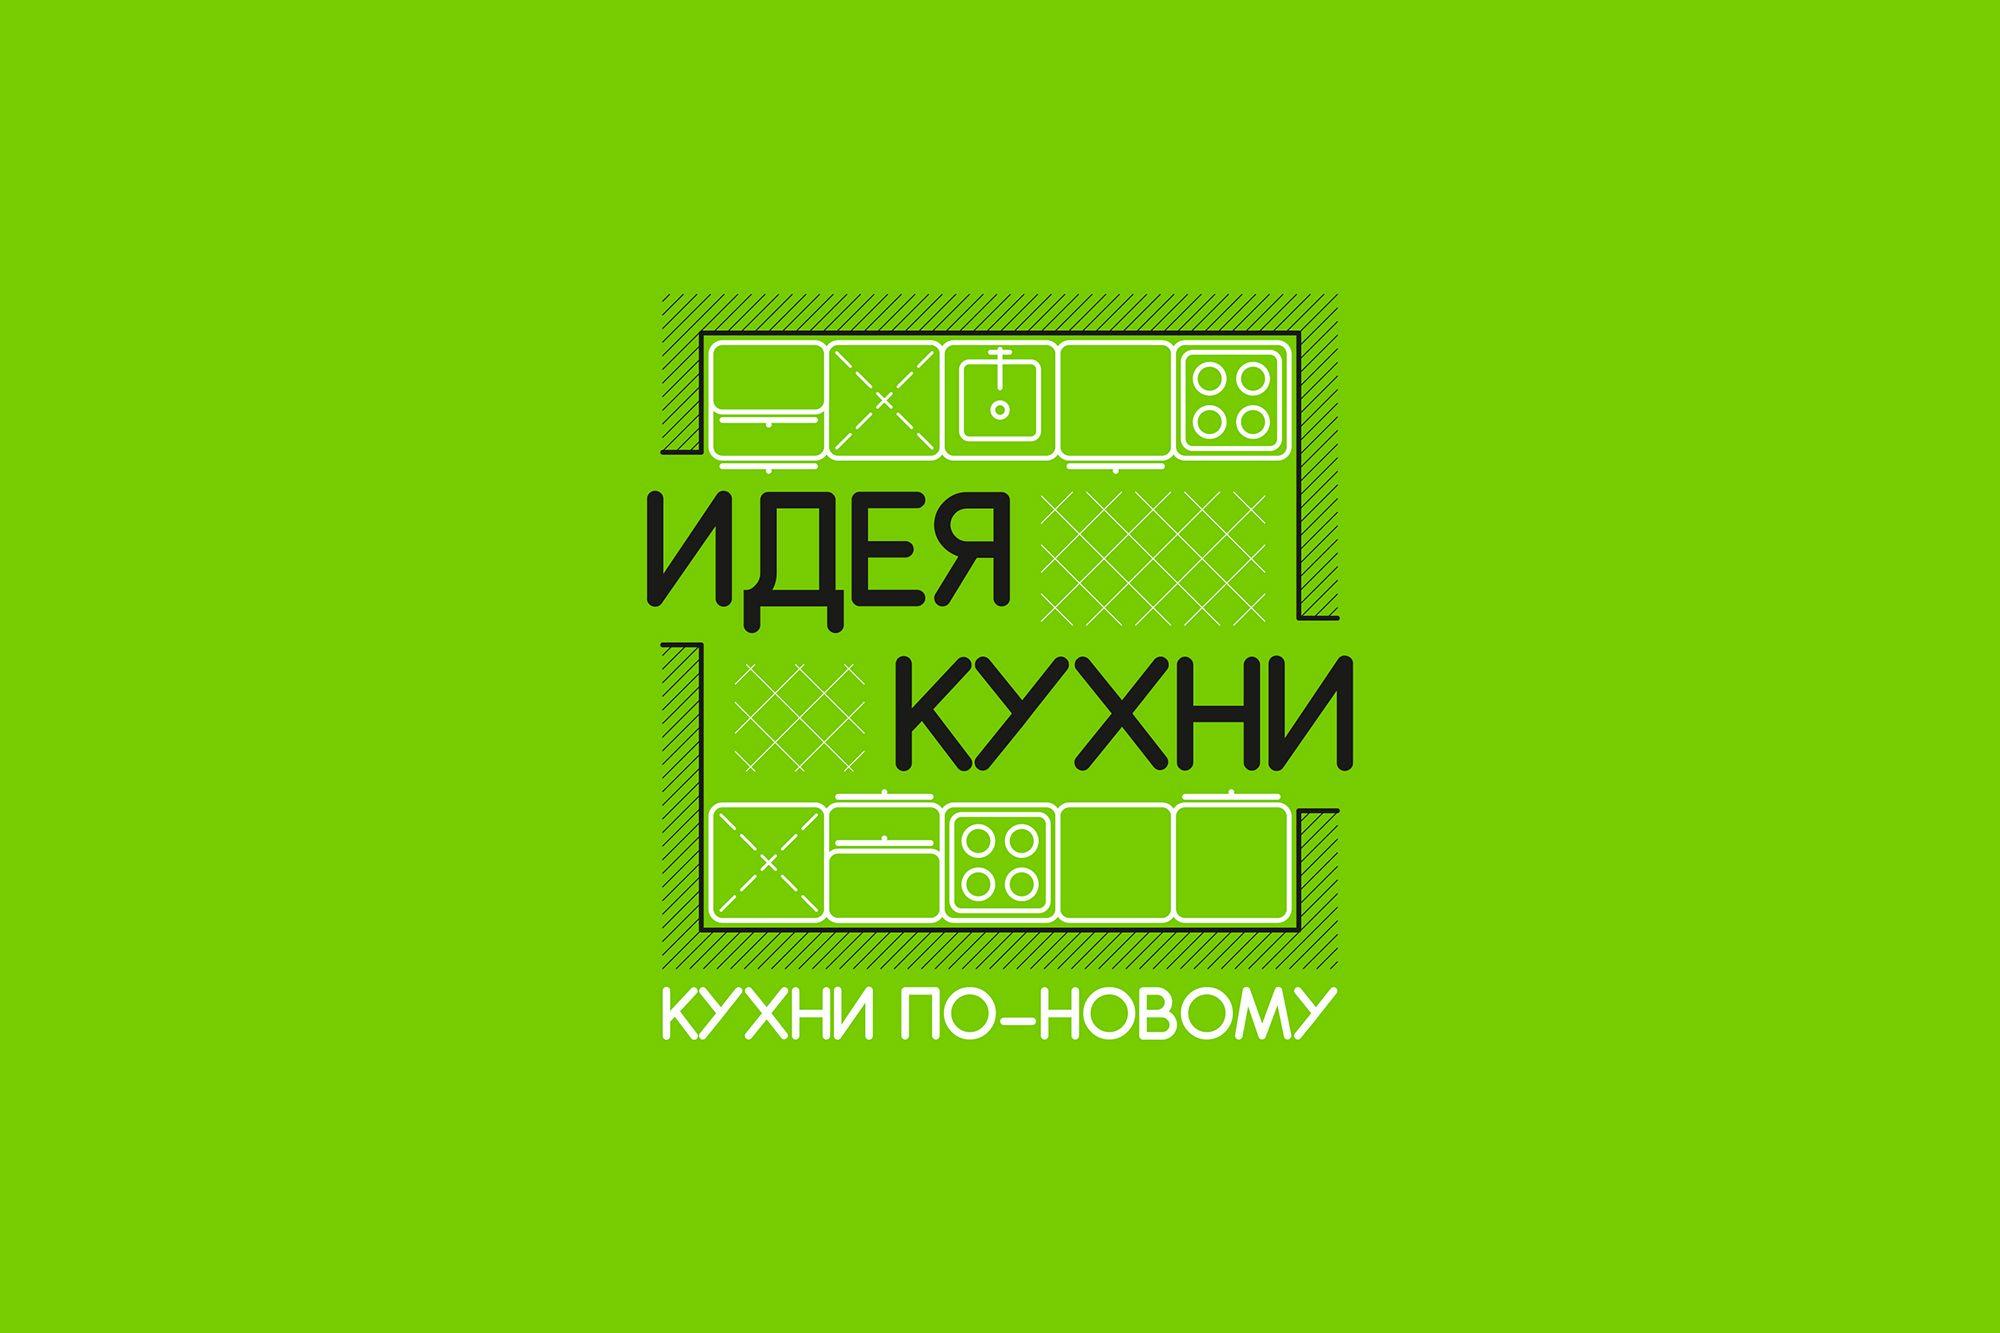 Логотип для Идея кухни - дизайнер Simply_Gleb